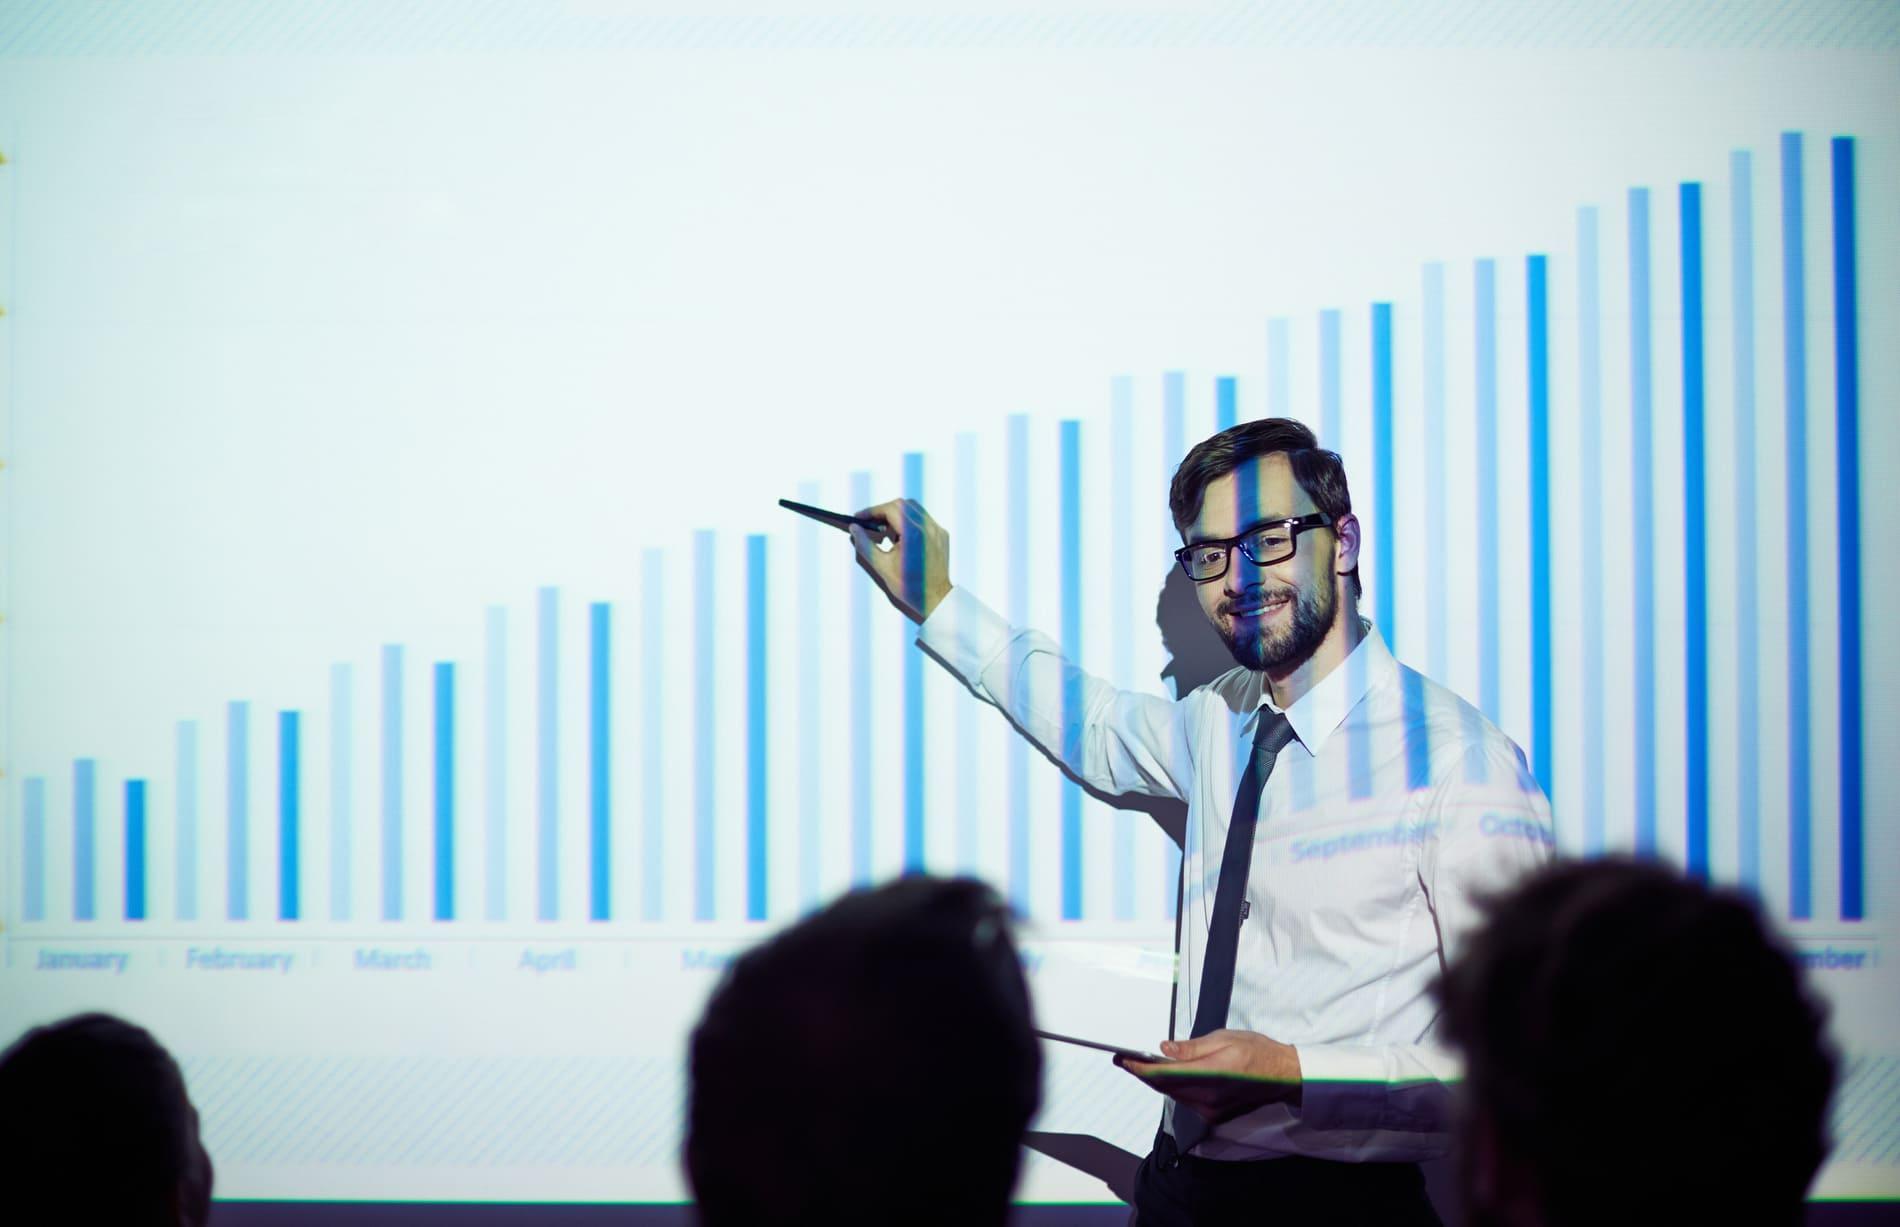 Bottom-up ou top-down: qual o melhor modelo de gestão para a sua empresa?